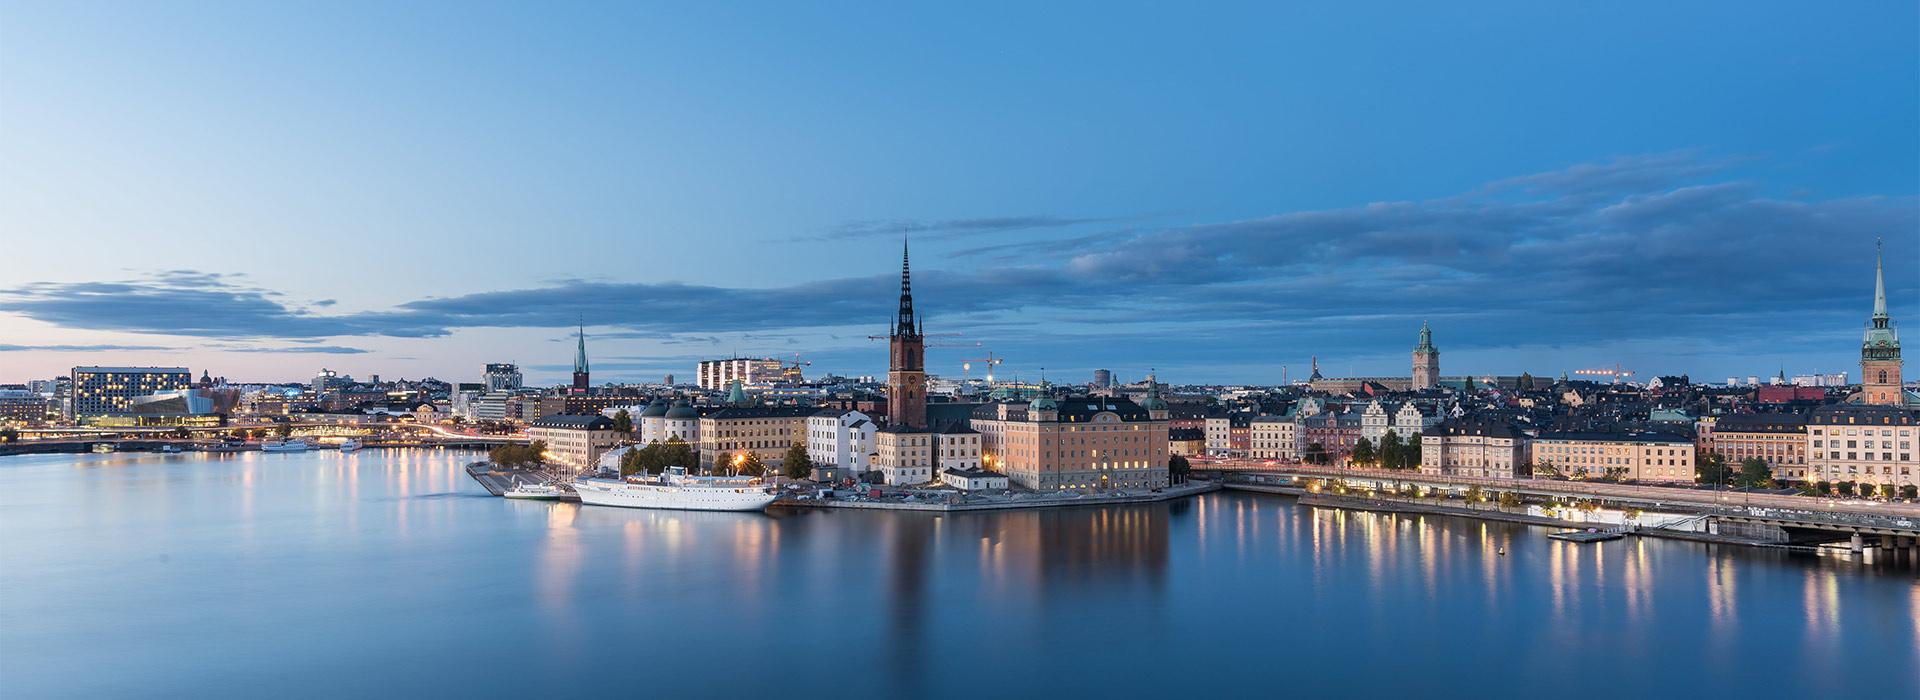 UNILINES čini duga putovanja za Štokholm i Kopenhagen udobnim